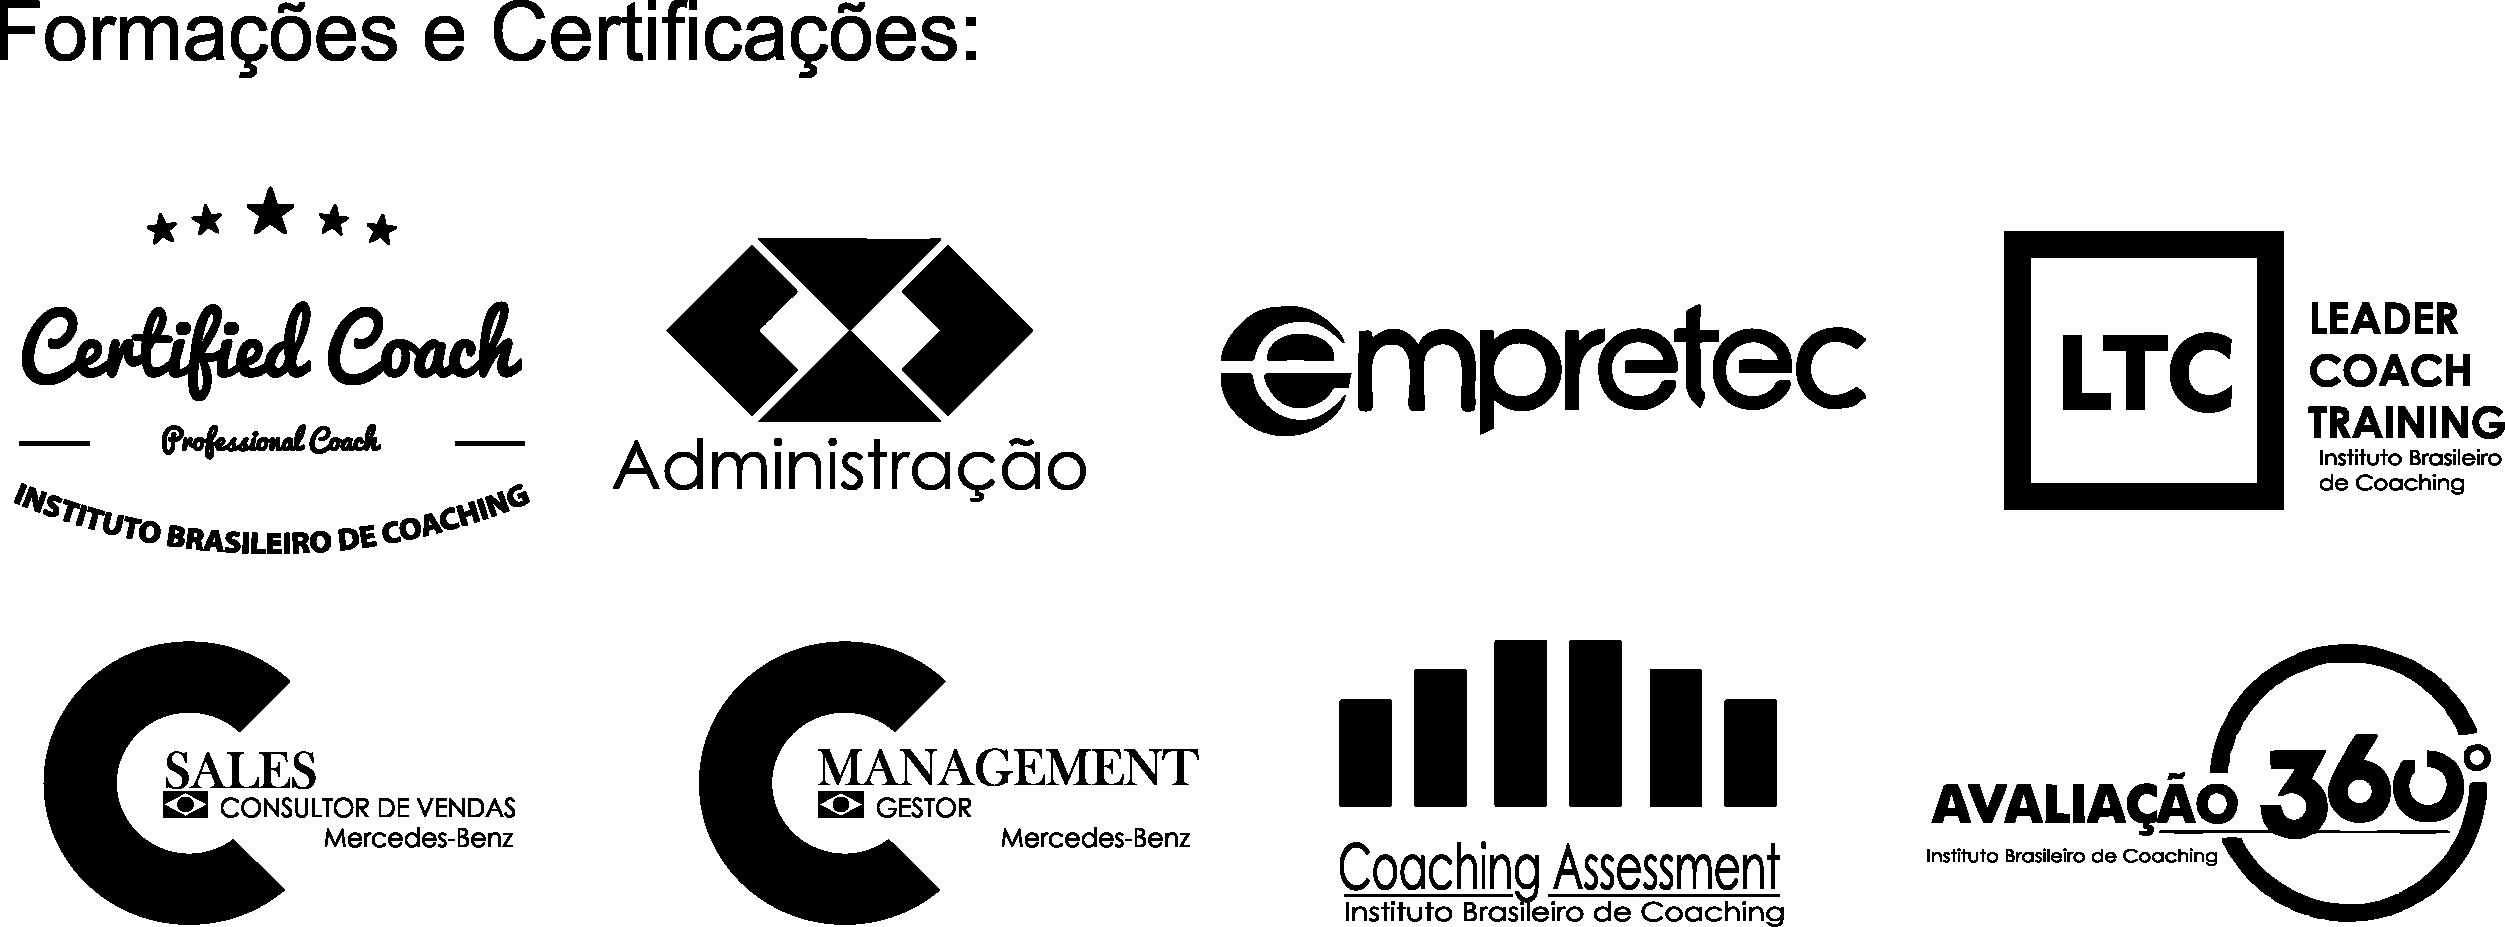 formações